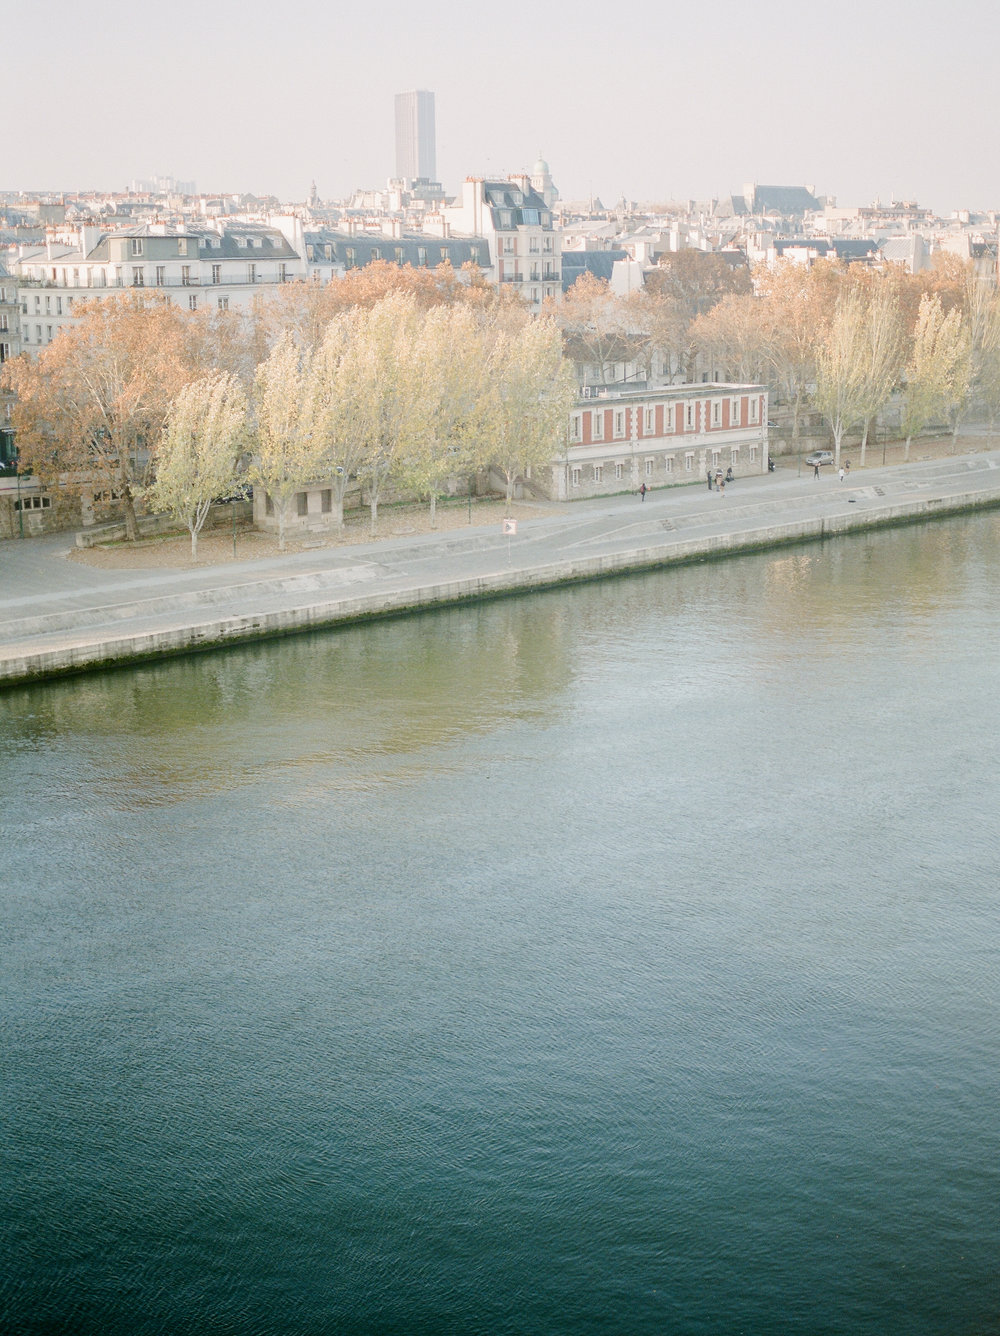 river-cruise-in-november-in-parisjpg